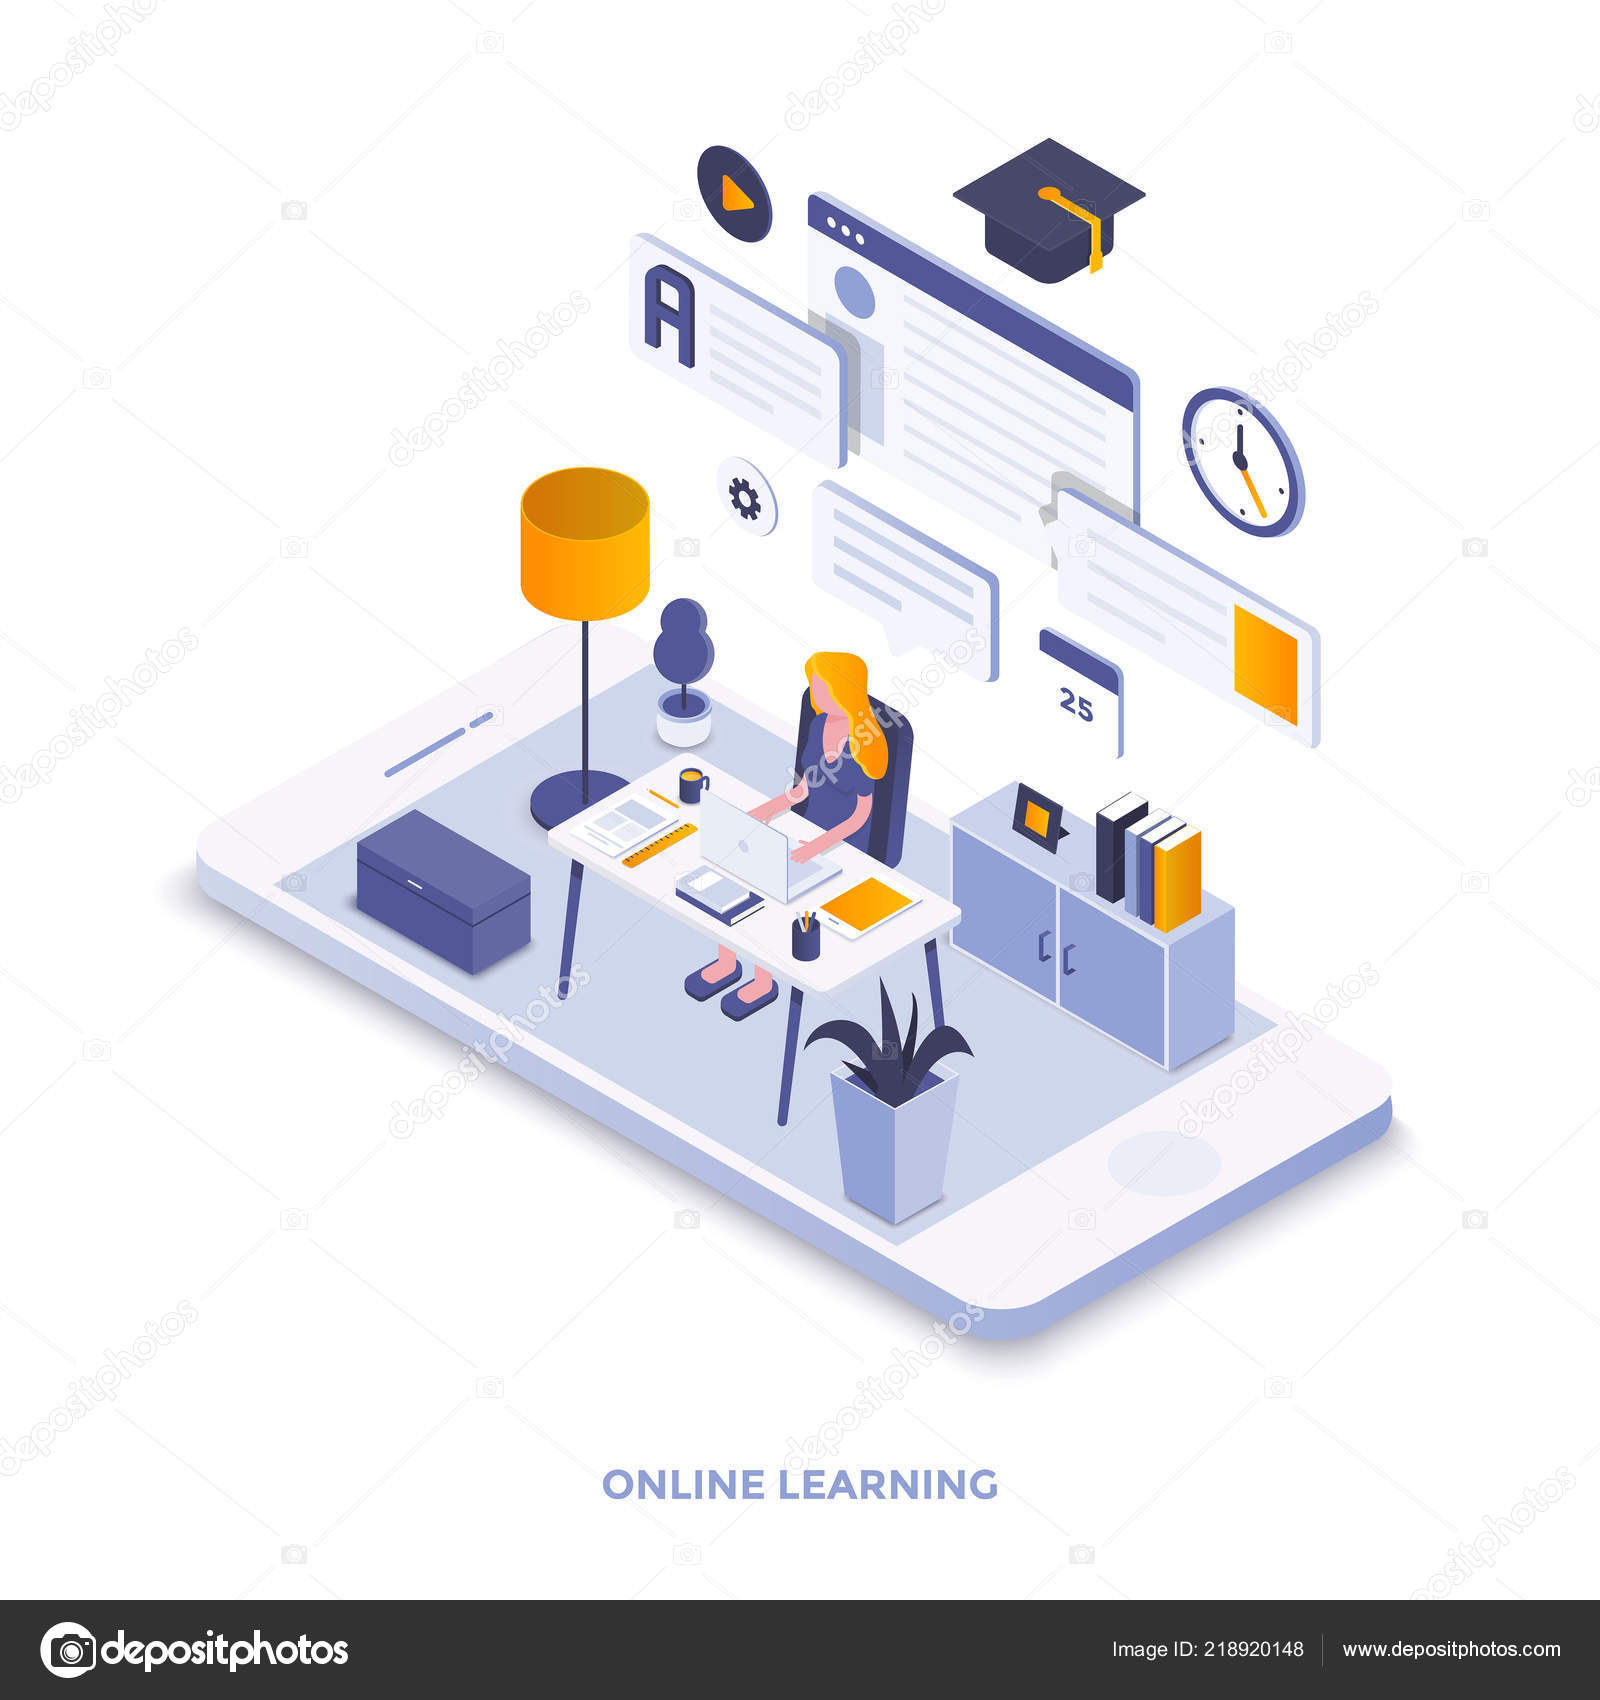 Modern Flat Design Isometric Illustration Online Learning